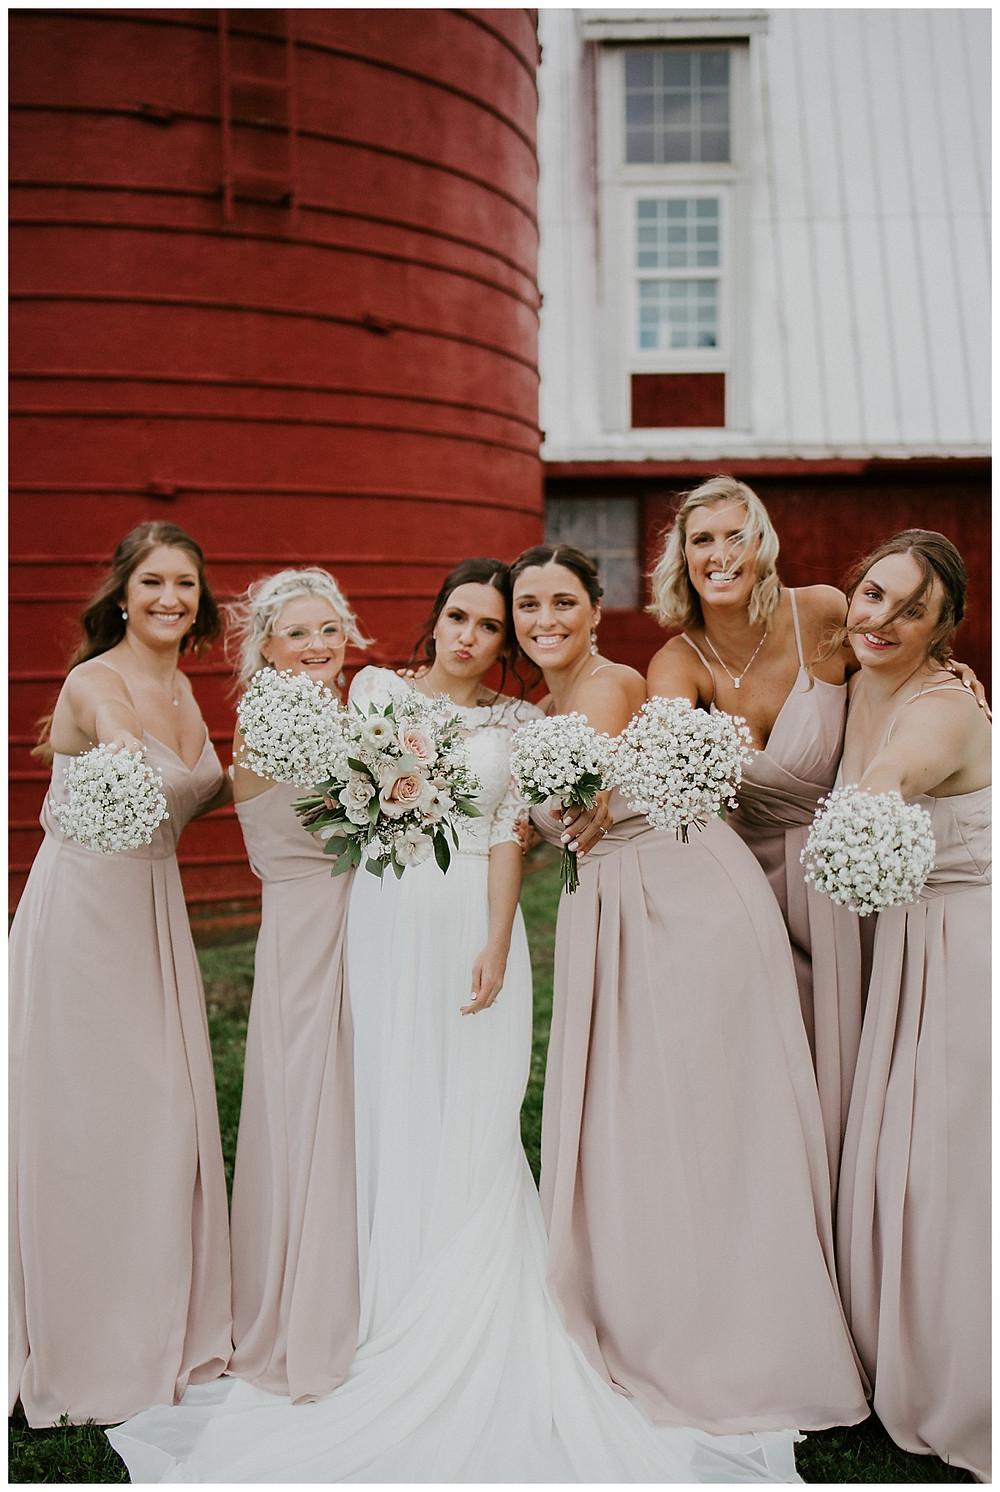 Bridal Party Portraits at Farm